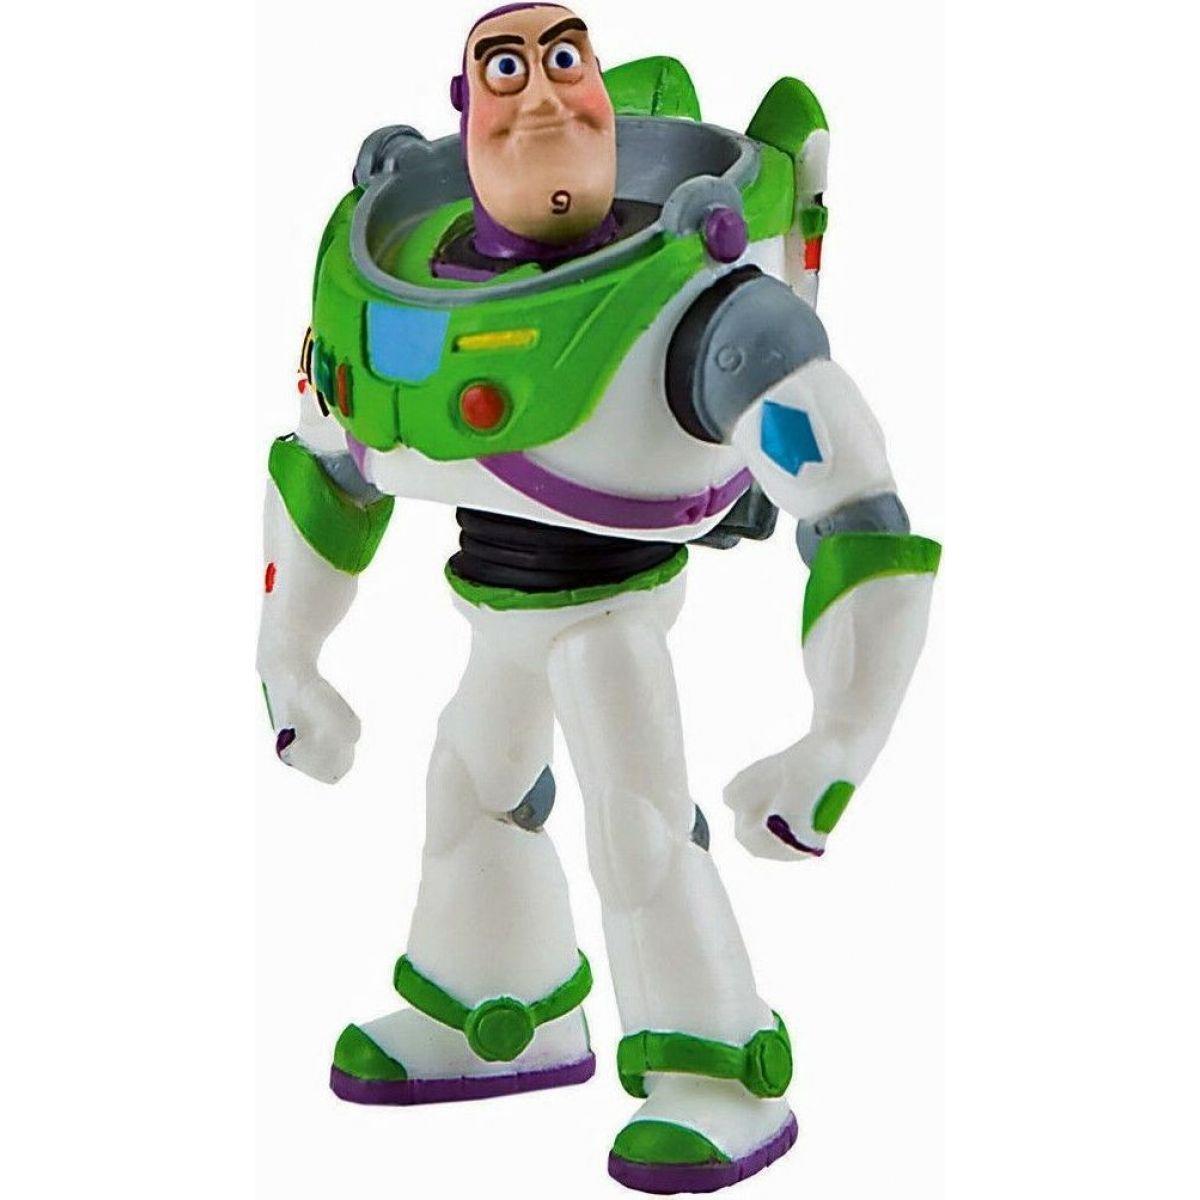 Bullyland Toy Story - Buzz